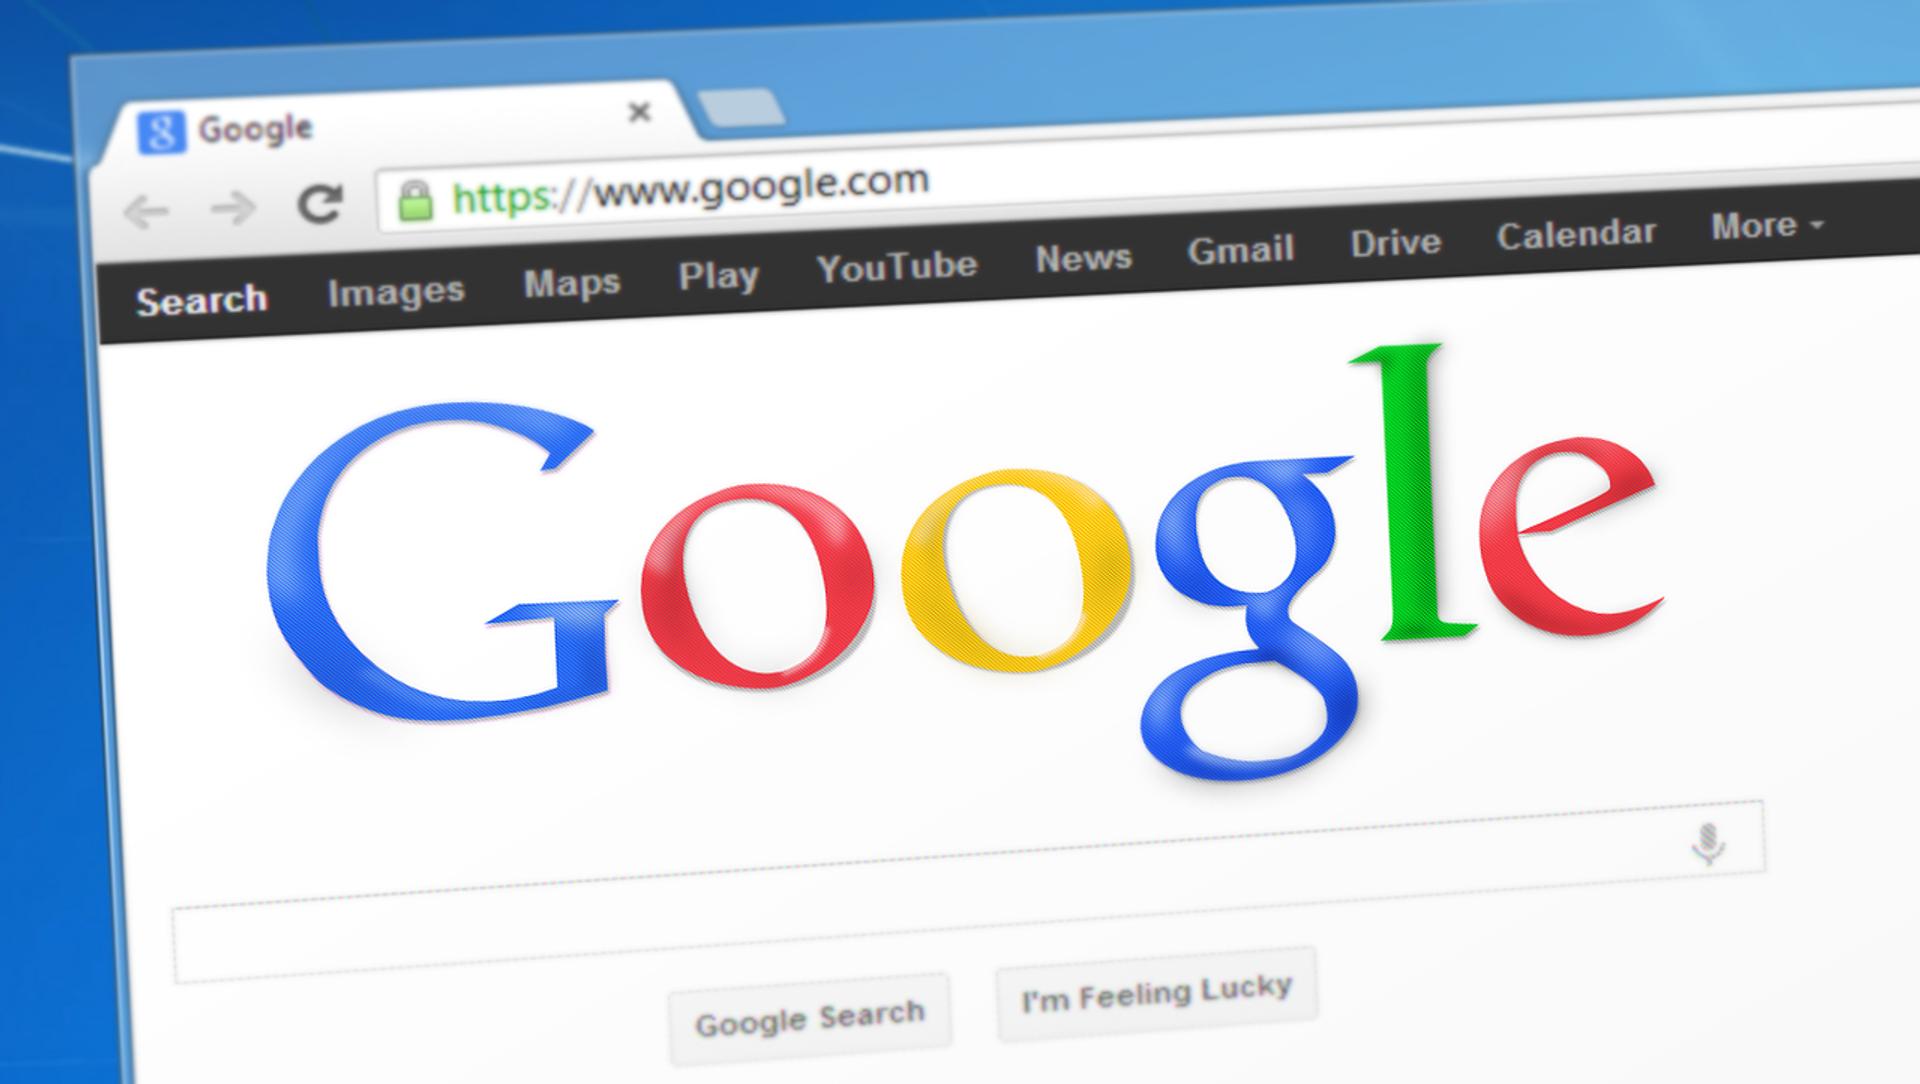 Navegador Google Chrome - Sputnik Mundo, 1920, 08.02.2021